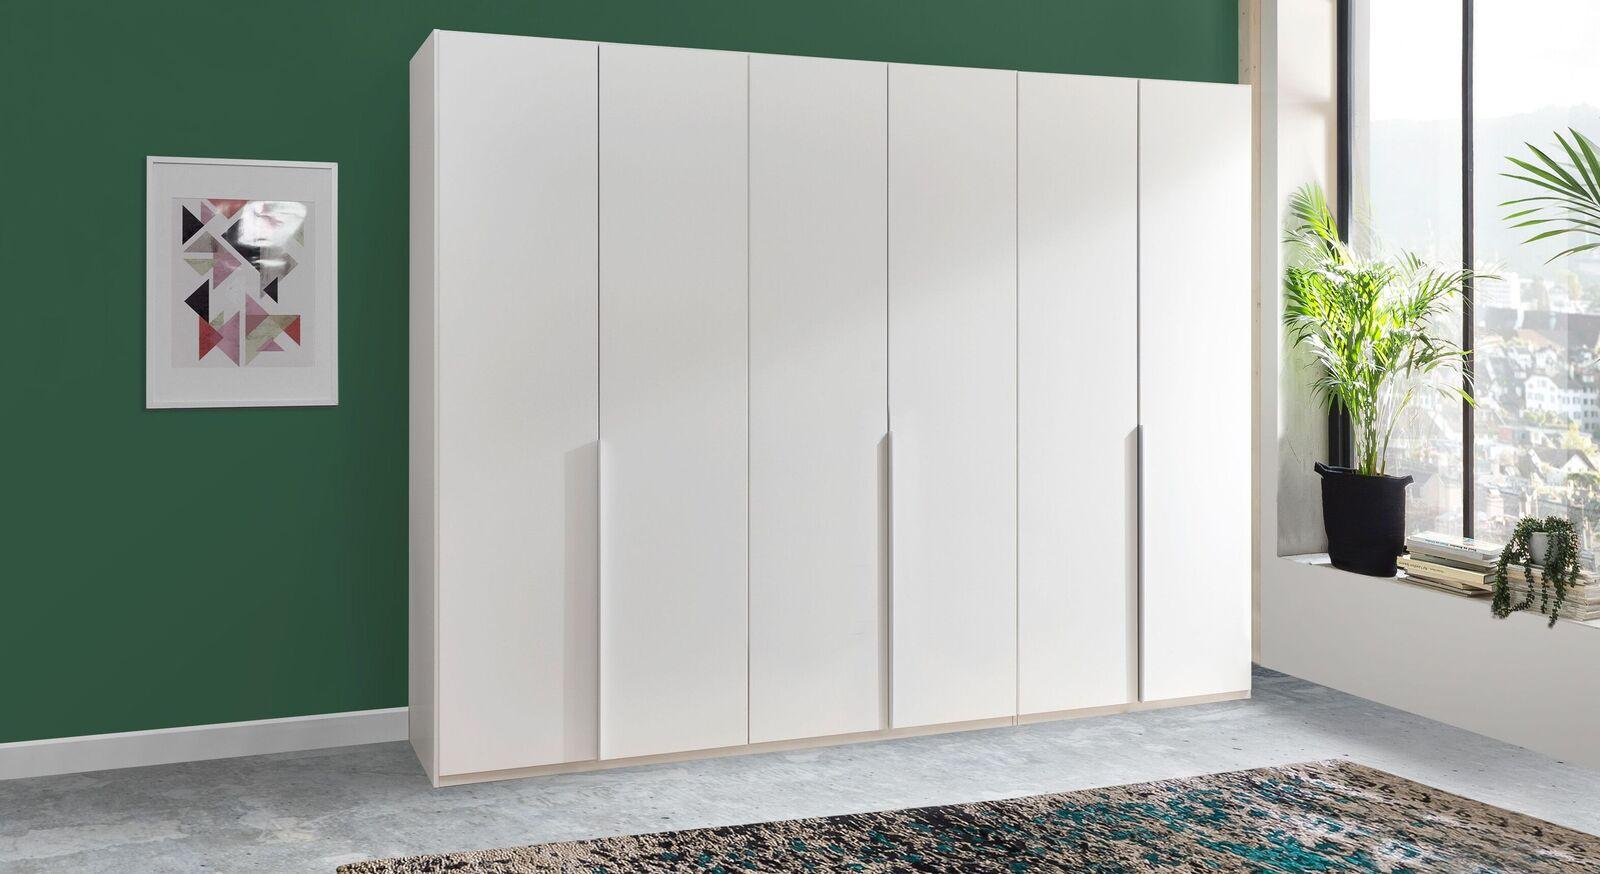 Praktischer Drehtüren-Kleiderschrank Ceprano mit 6 Türen